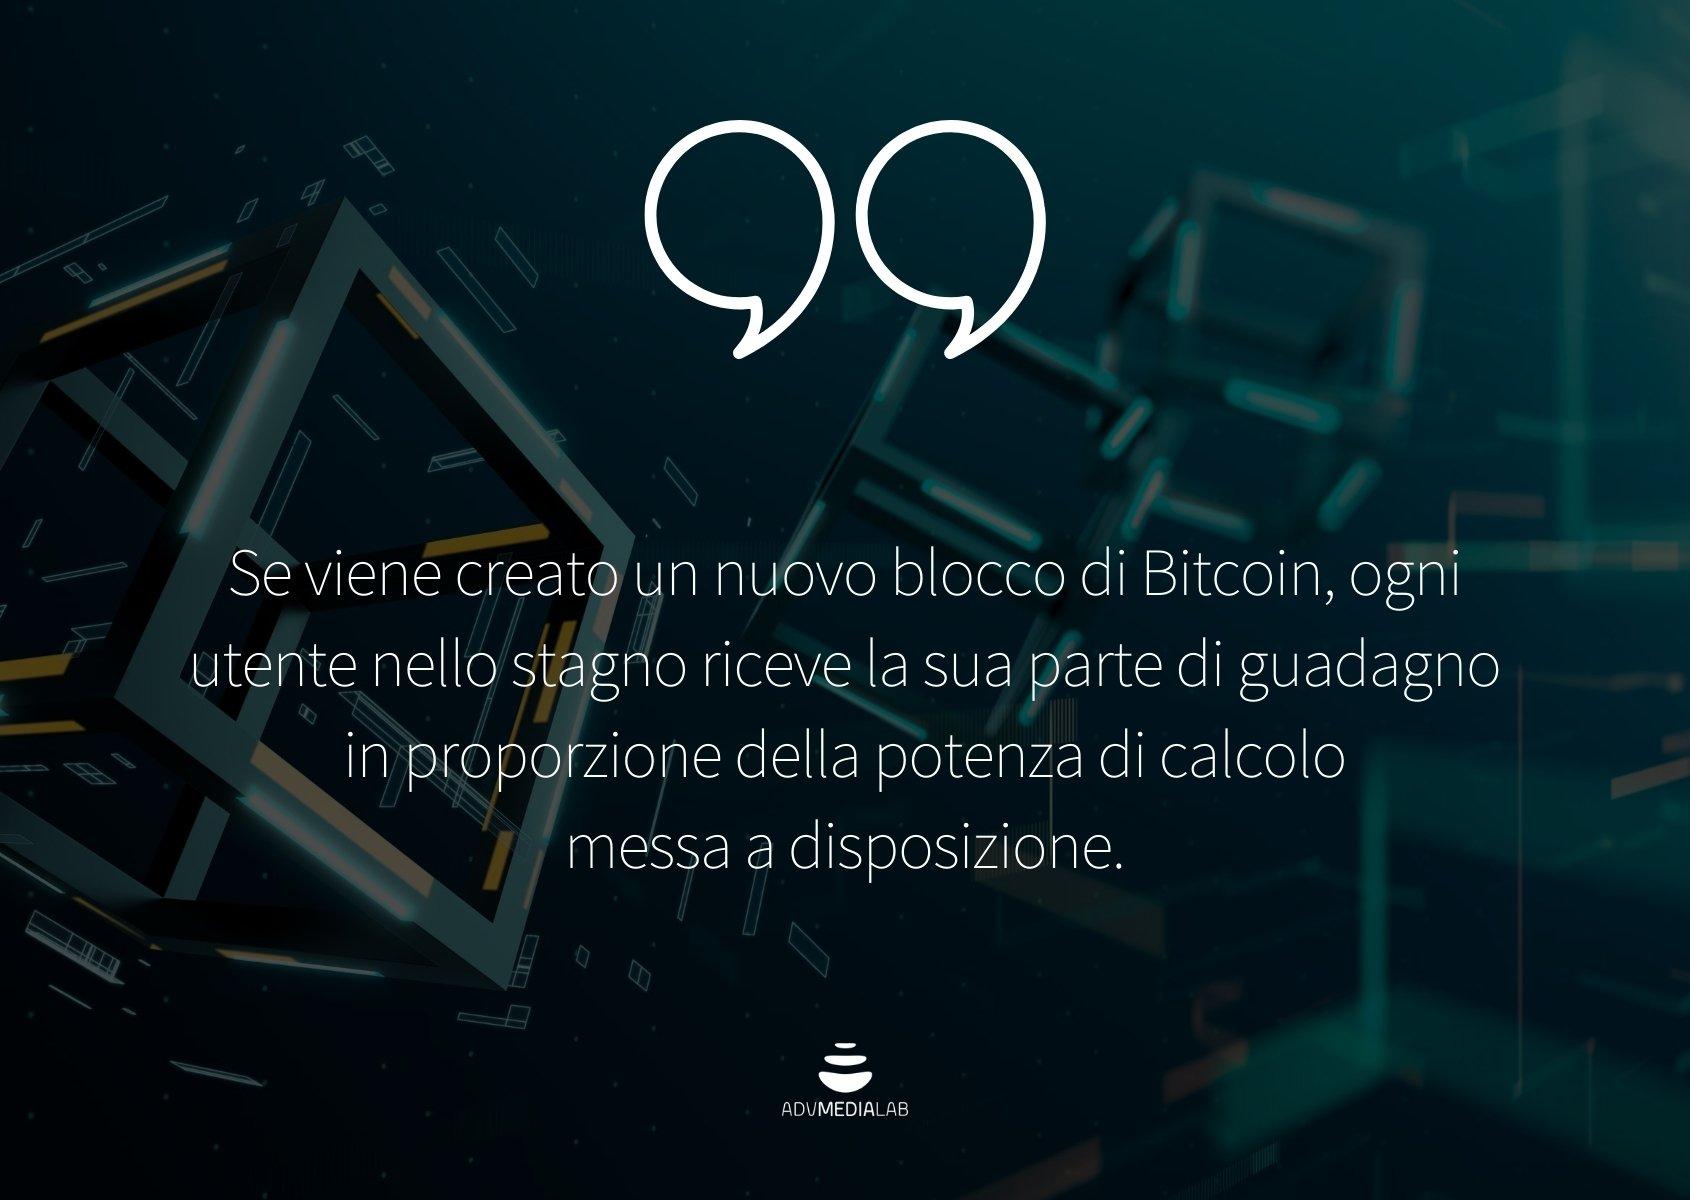 Dizionario-blockchain-quote8